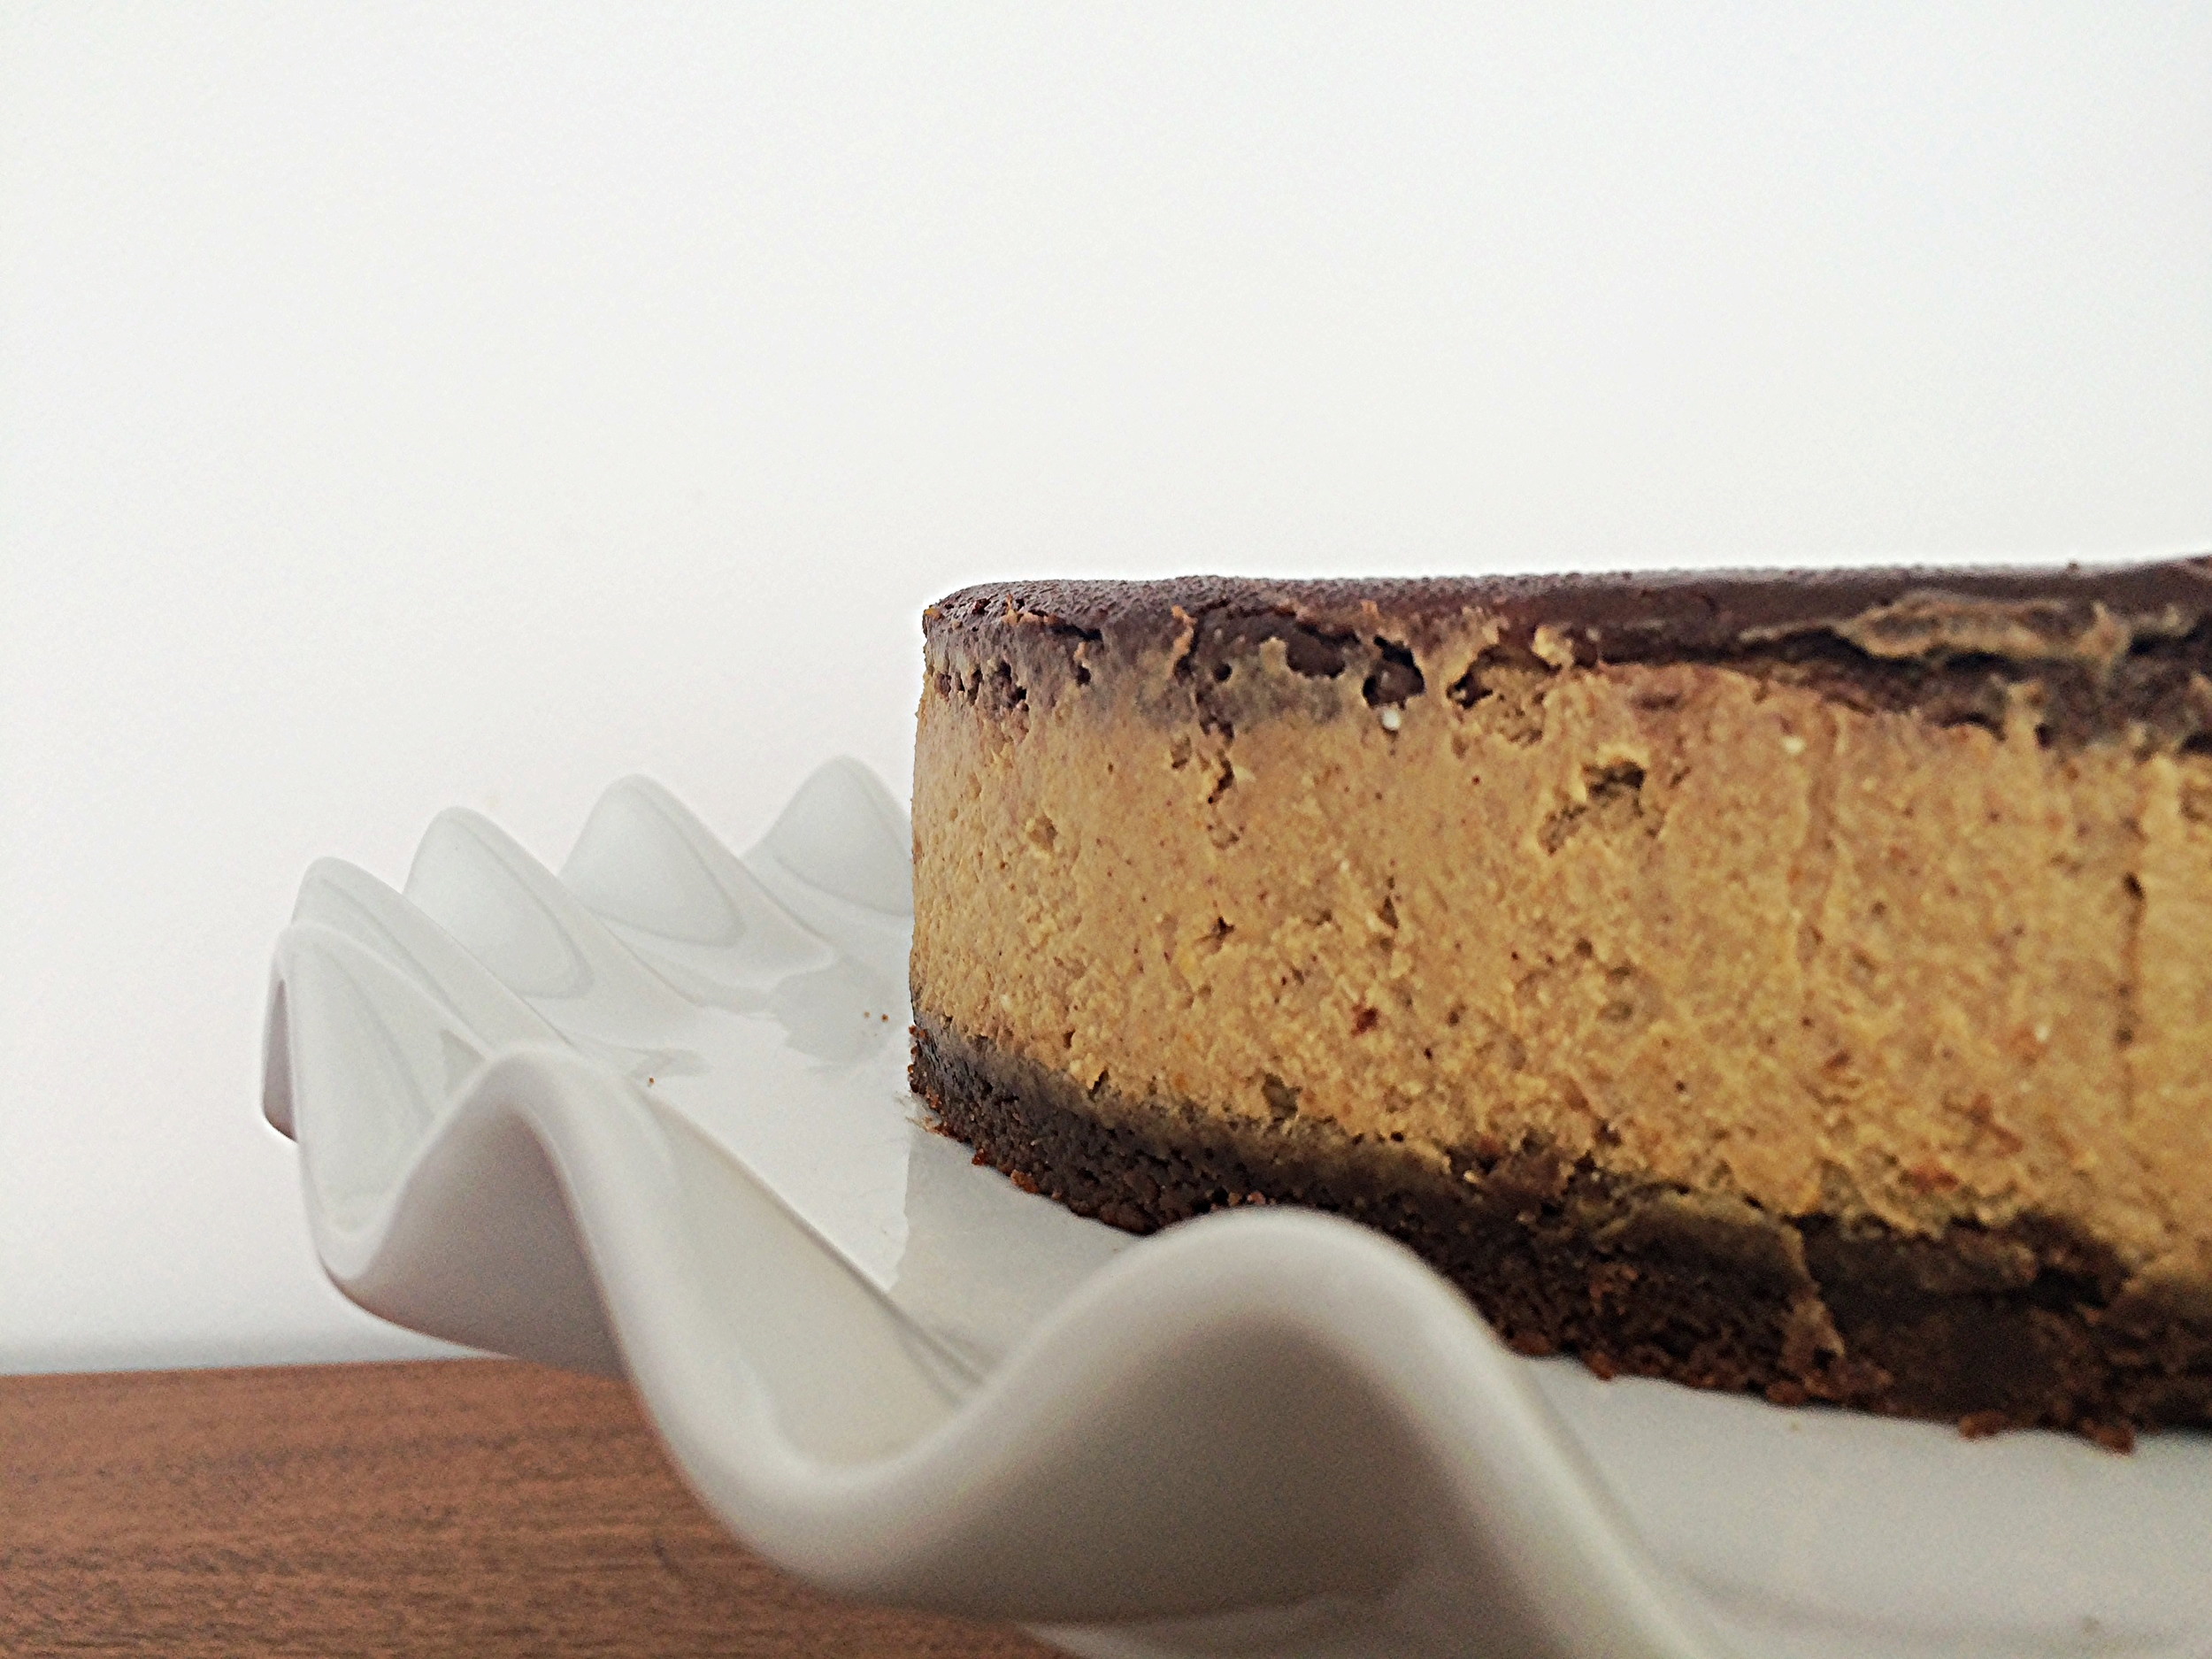 Na receita original, recomendam que o bolo seja servido com chantilly. Eu servi só a cheesecake e acho que é suficiente! O sabor é incrível e, se você conseguir fazer um bom marmorizado, o visual também.